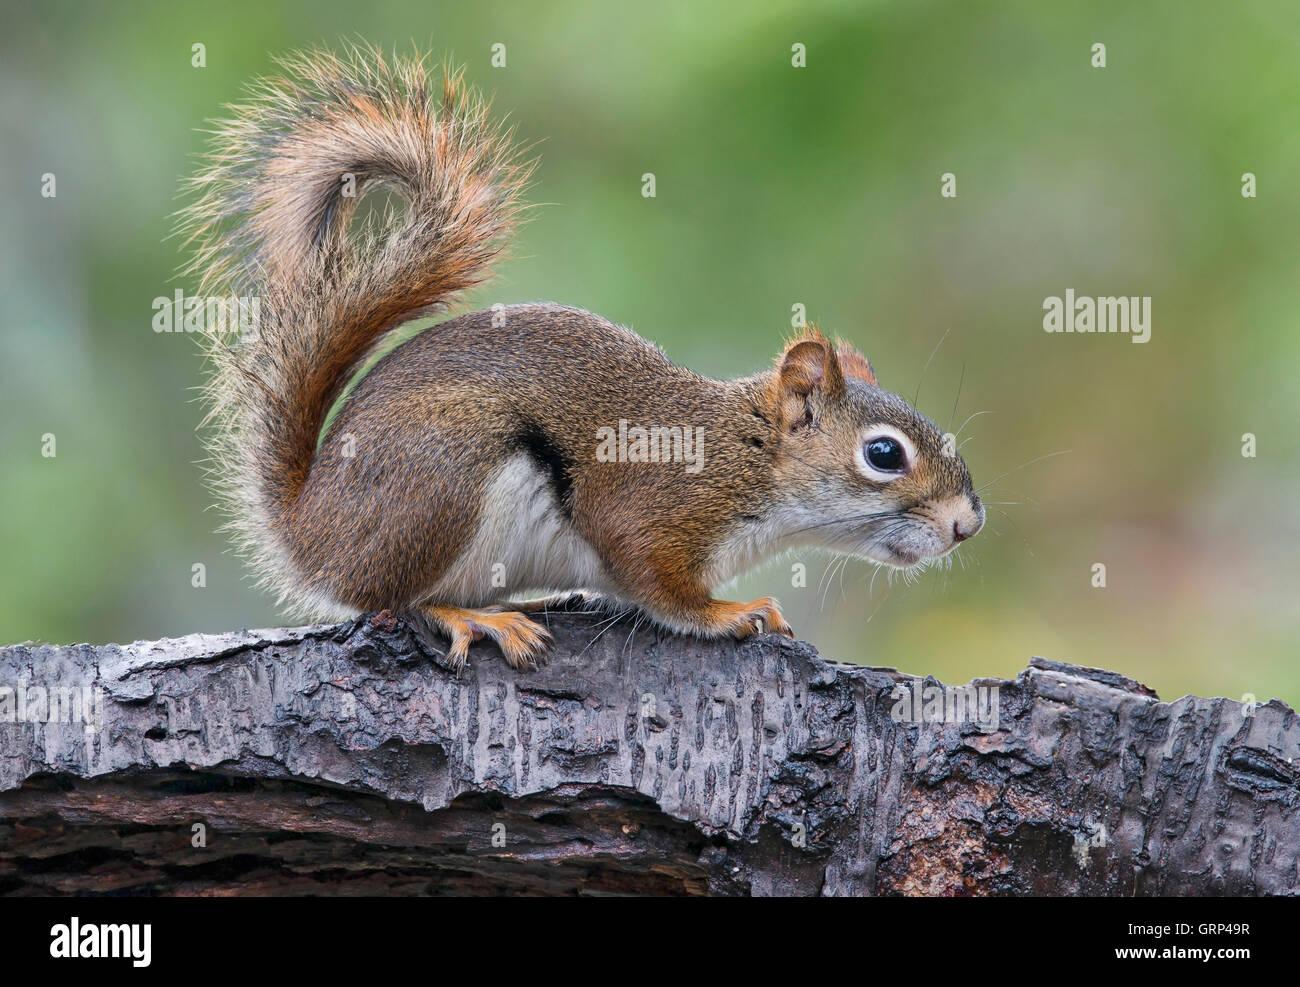 Östlichen Eichhörnchen macht Geräusche, chatten (Tamiasciurus oder Sciurus Hudsonicus) E Nordamerika Stockfoto